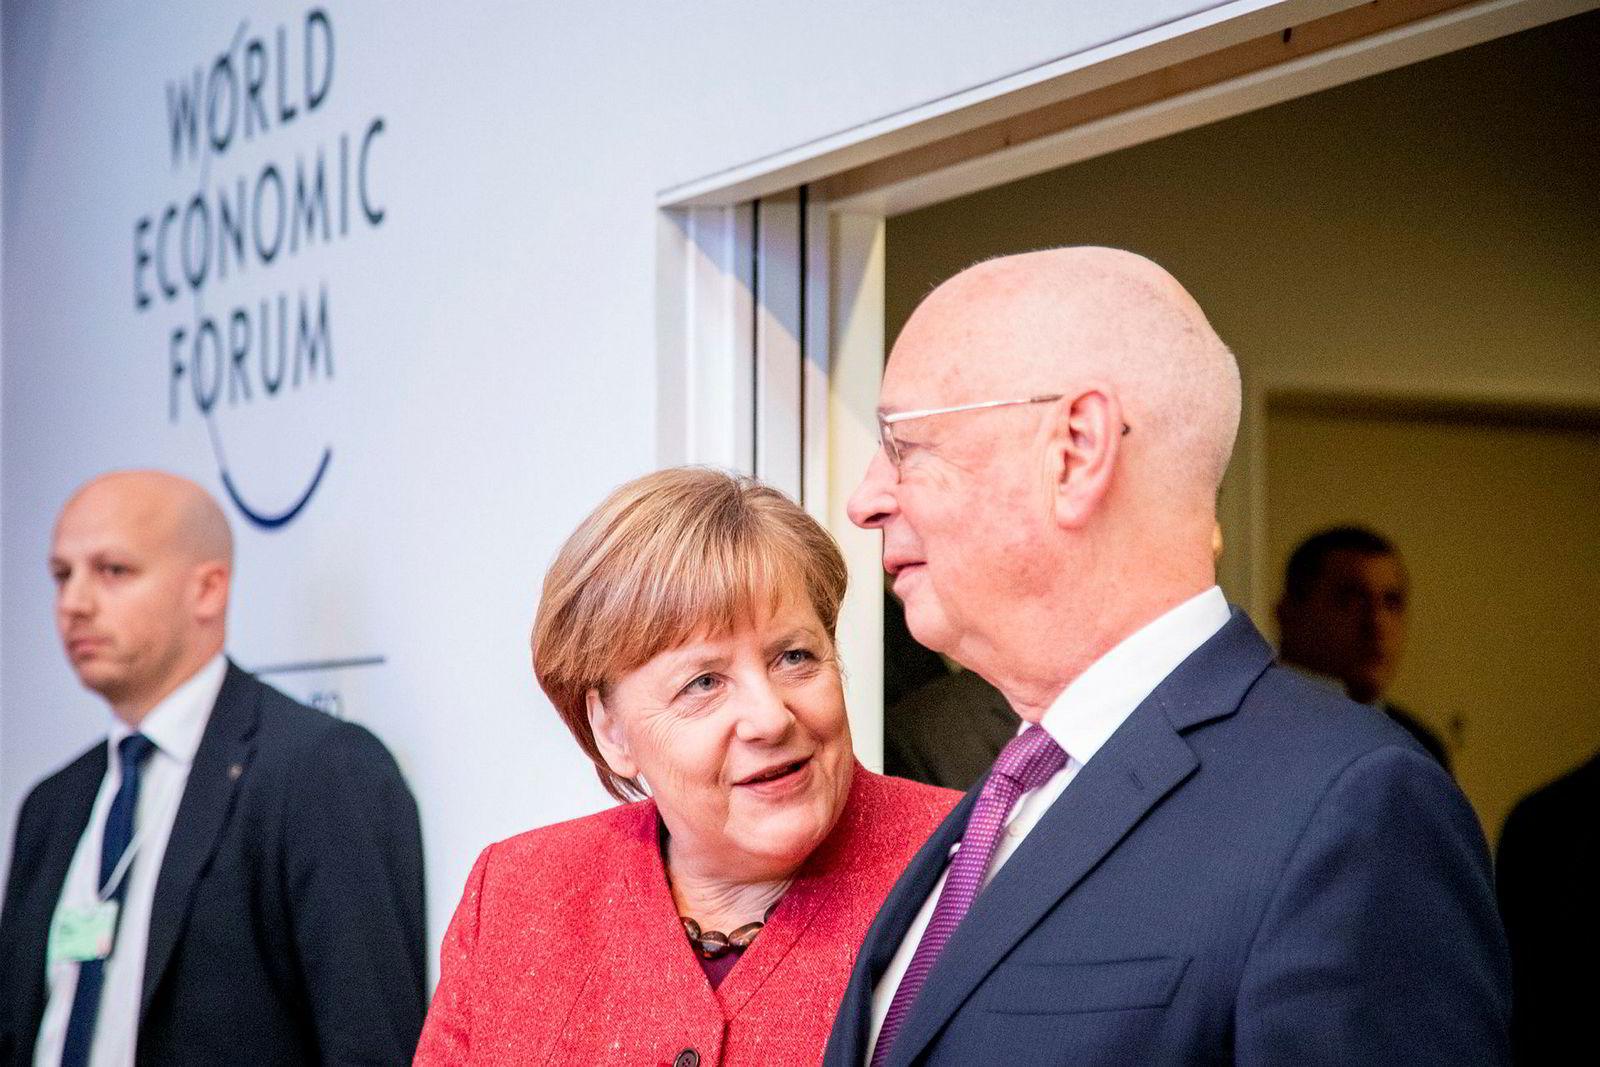 Den tyske forbundskansleren Angela Merkel sammen med grunnleggeren av World Economic Forum, Klaus Schwab.